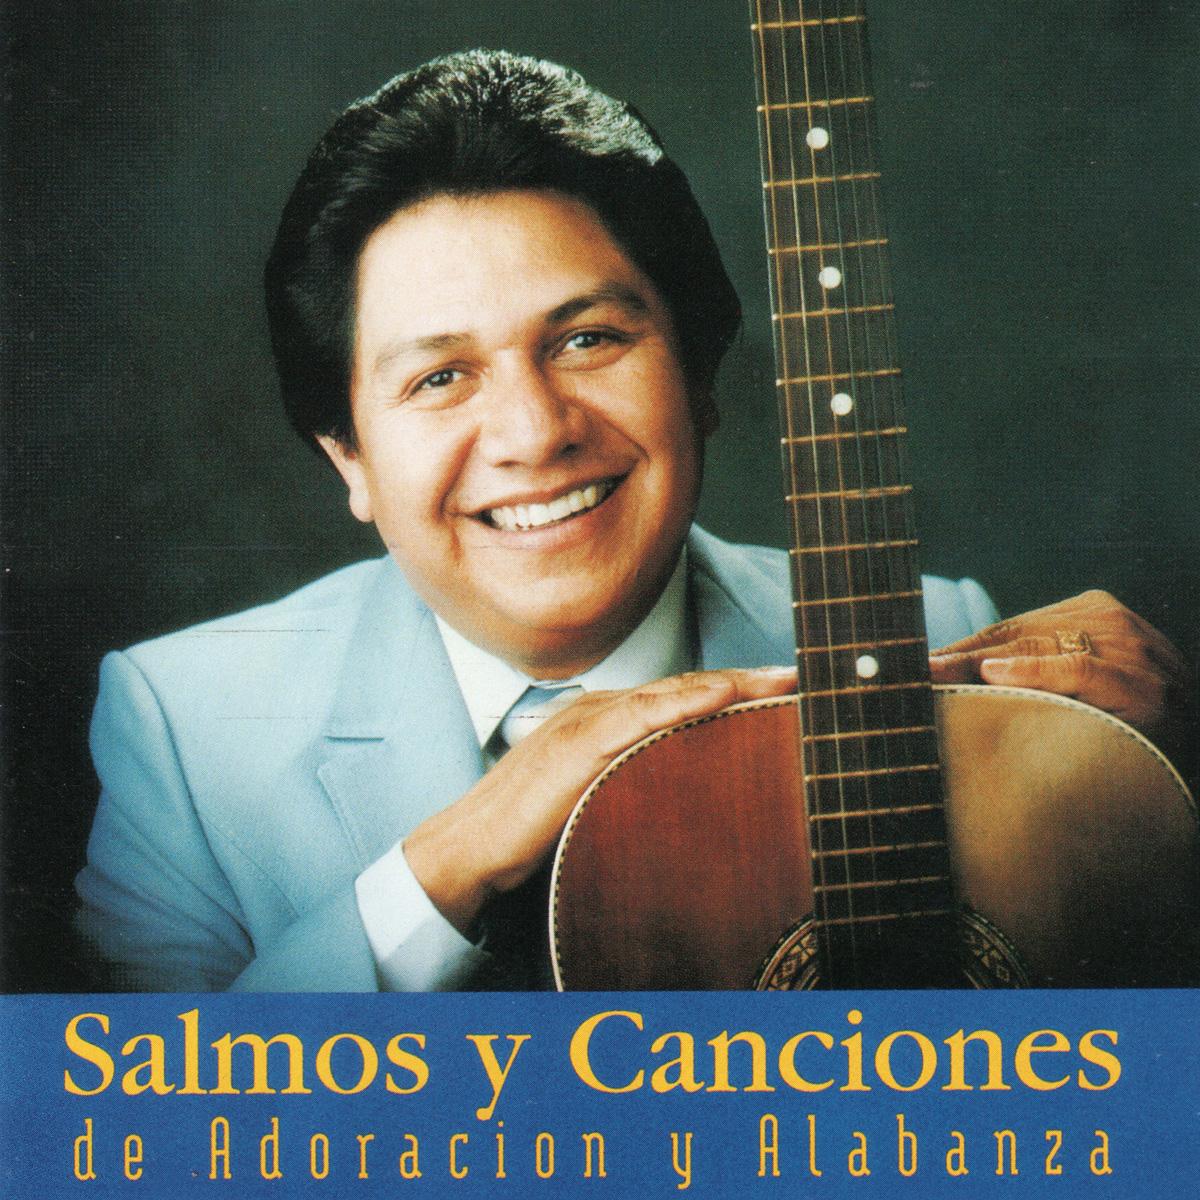 Manuel Bonilla-Salmos y Canciones-